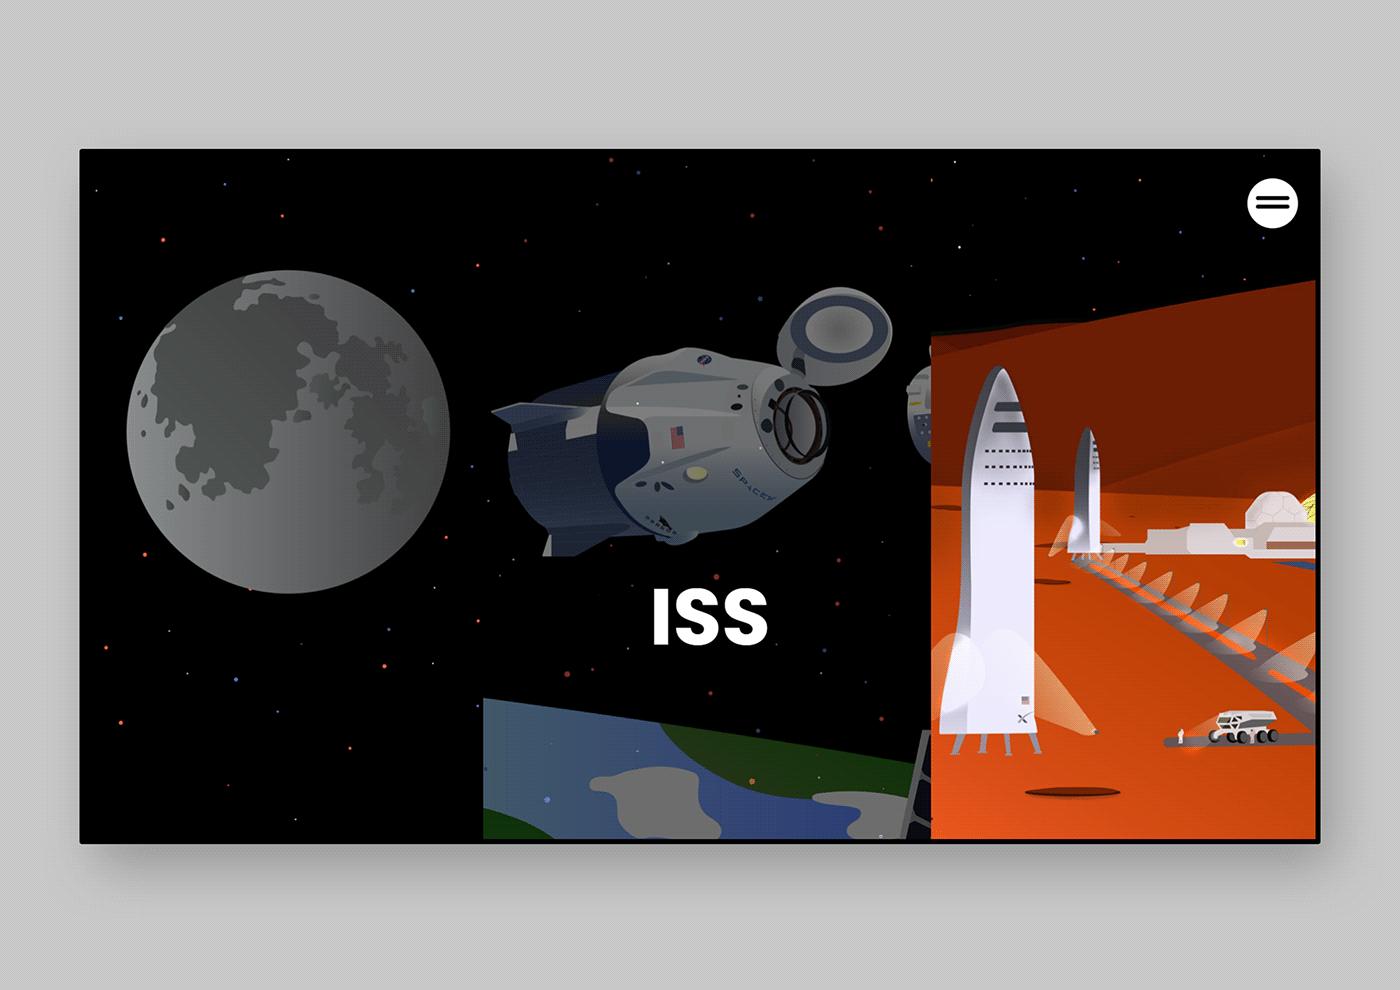 Image may contain: moon, cartoon and screenshot